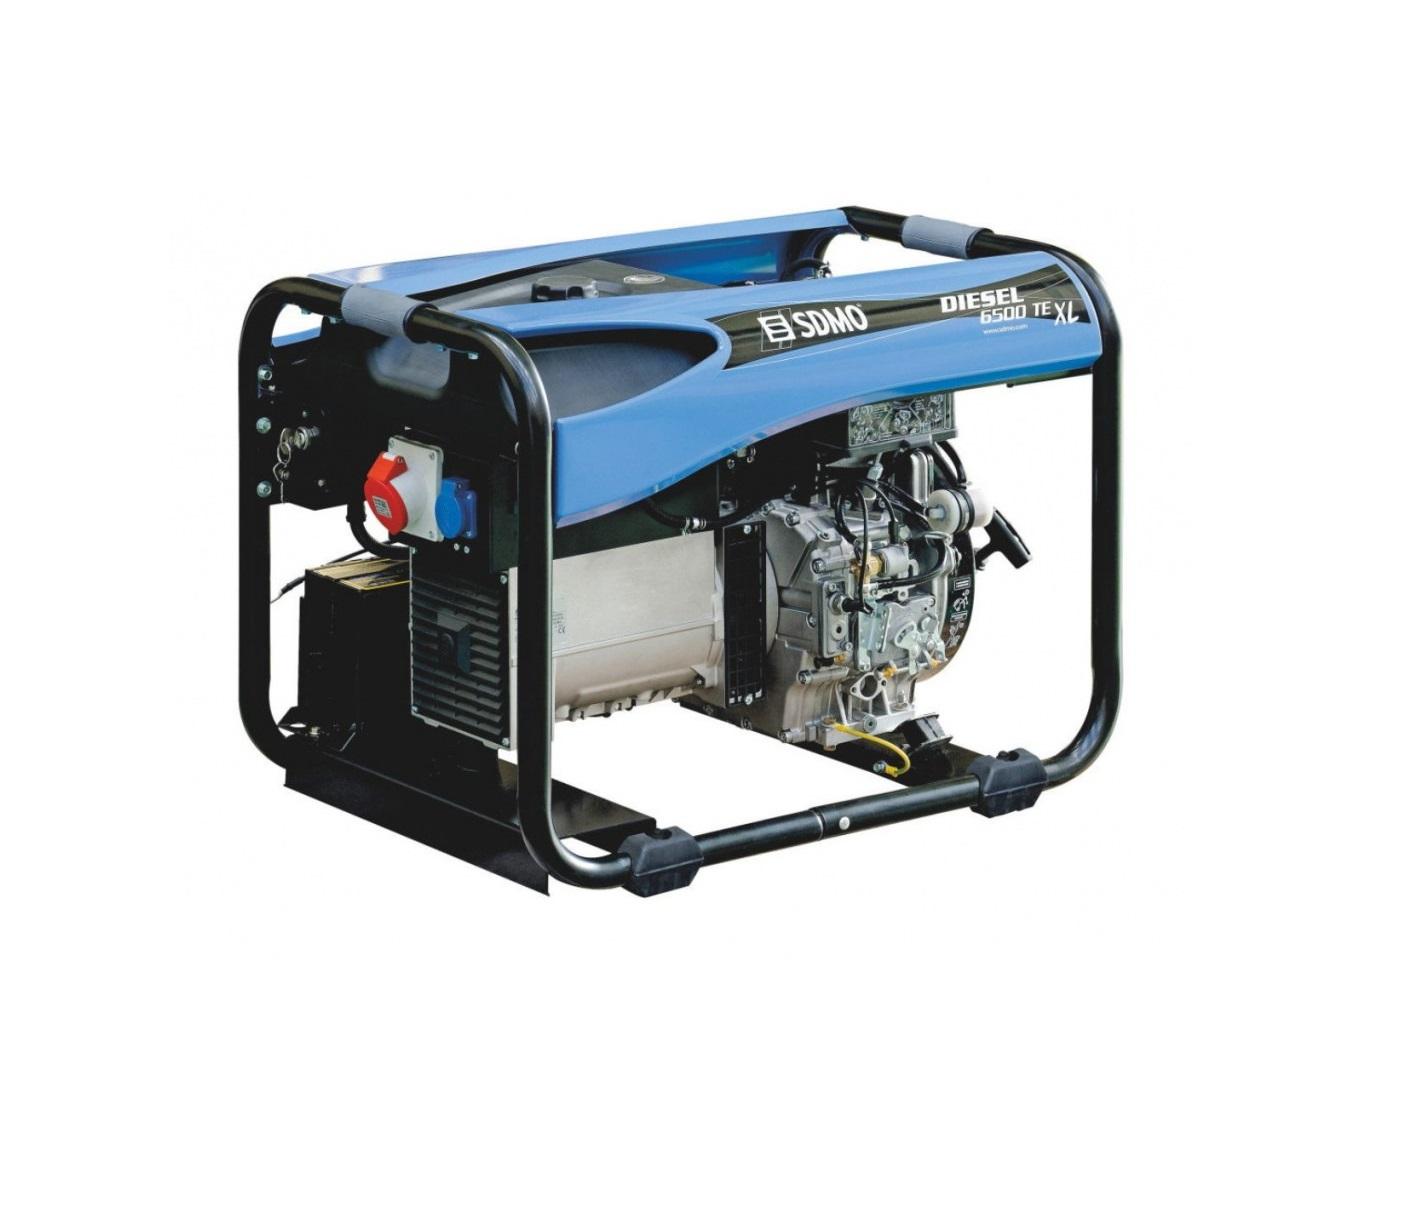 Дизельный генератор (электростанция) SDMO DIESEL 6500 TE XL C